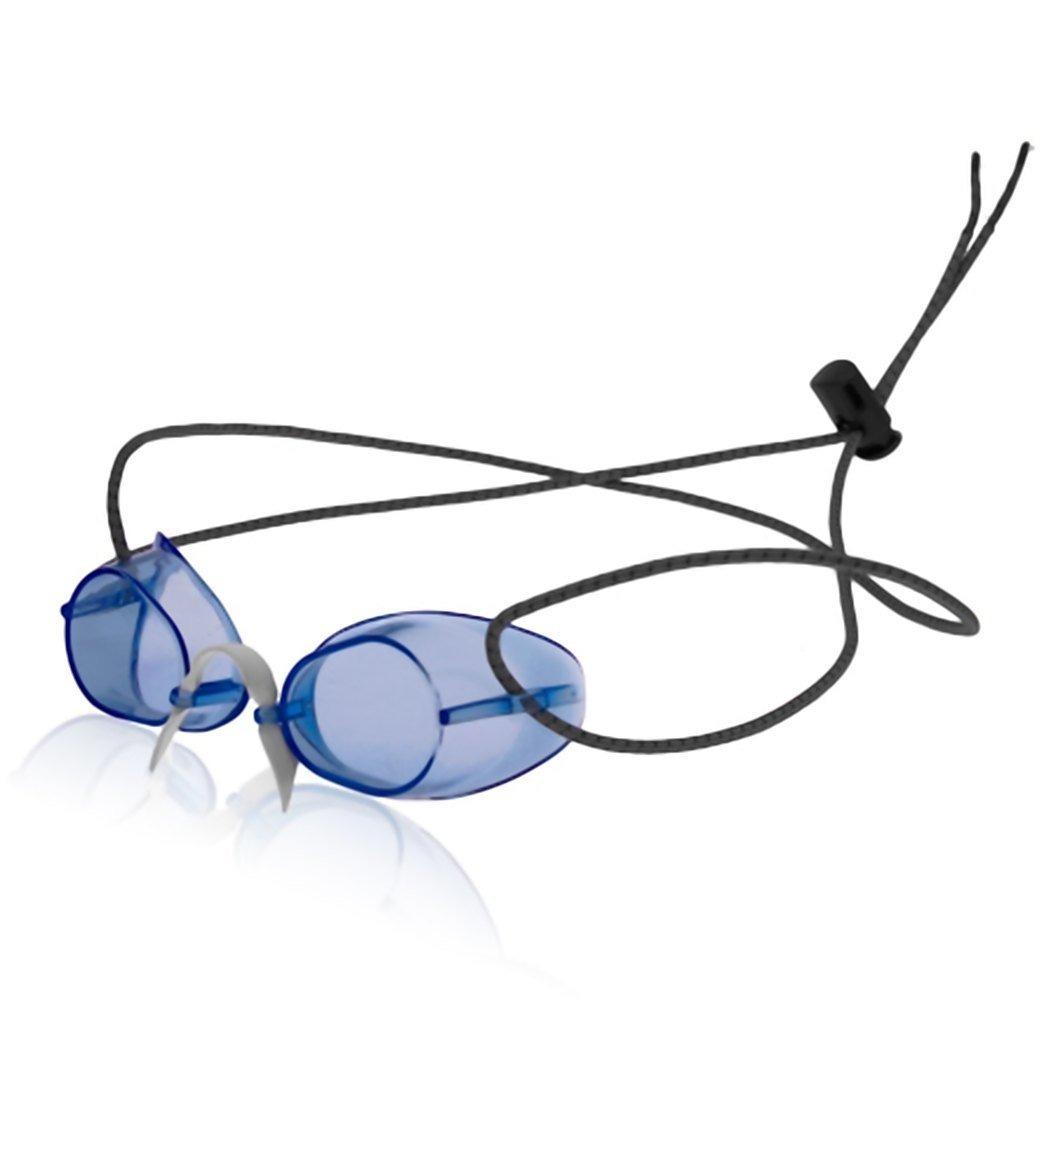 diseño innovador mejor online gran descuento venta Gafas Suecas Con Correa Bungee